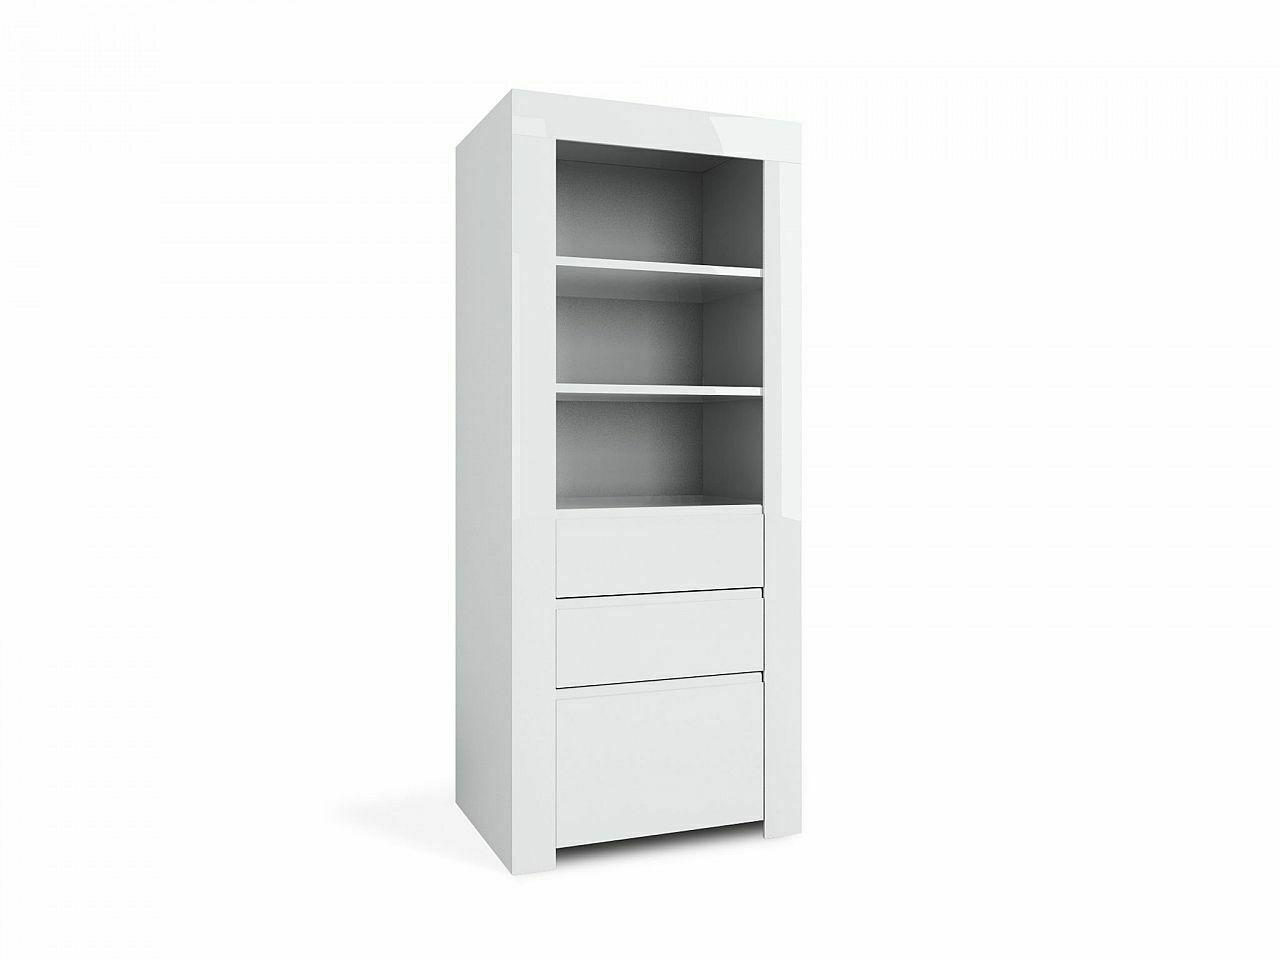 Design Schrank Amber 21 Weiss 1 Tur 2 Schubladen 3 Offene Regal Facher Kommode Kaufen Bei Come4buy Gmbh